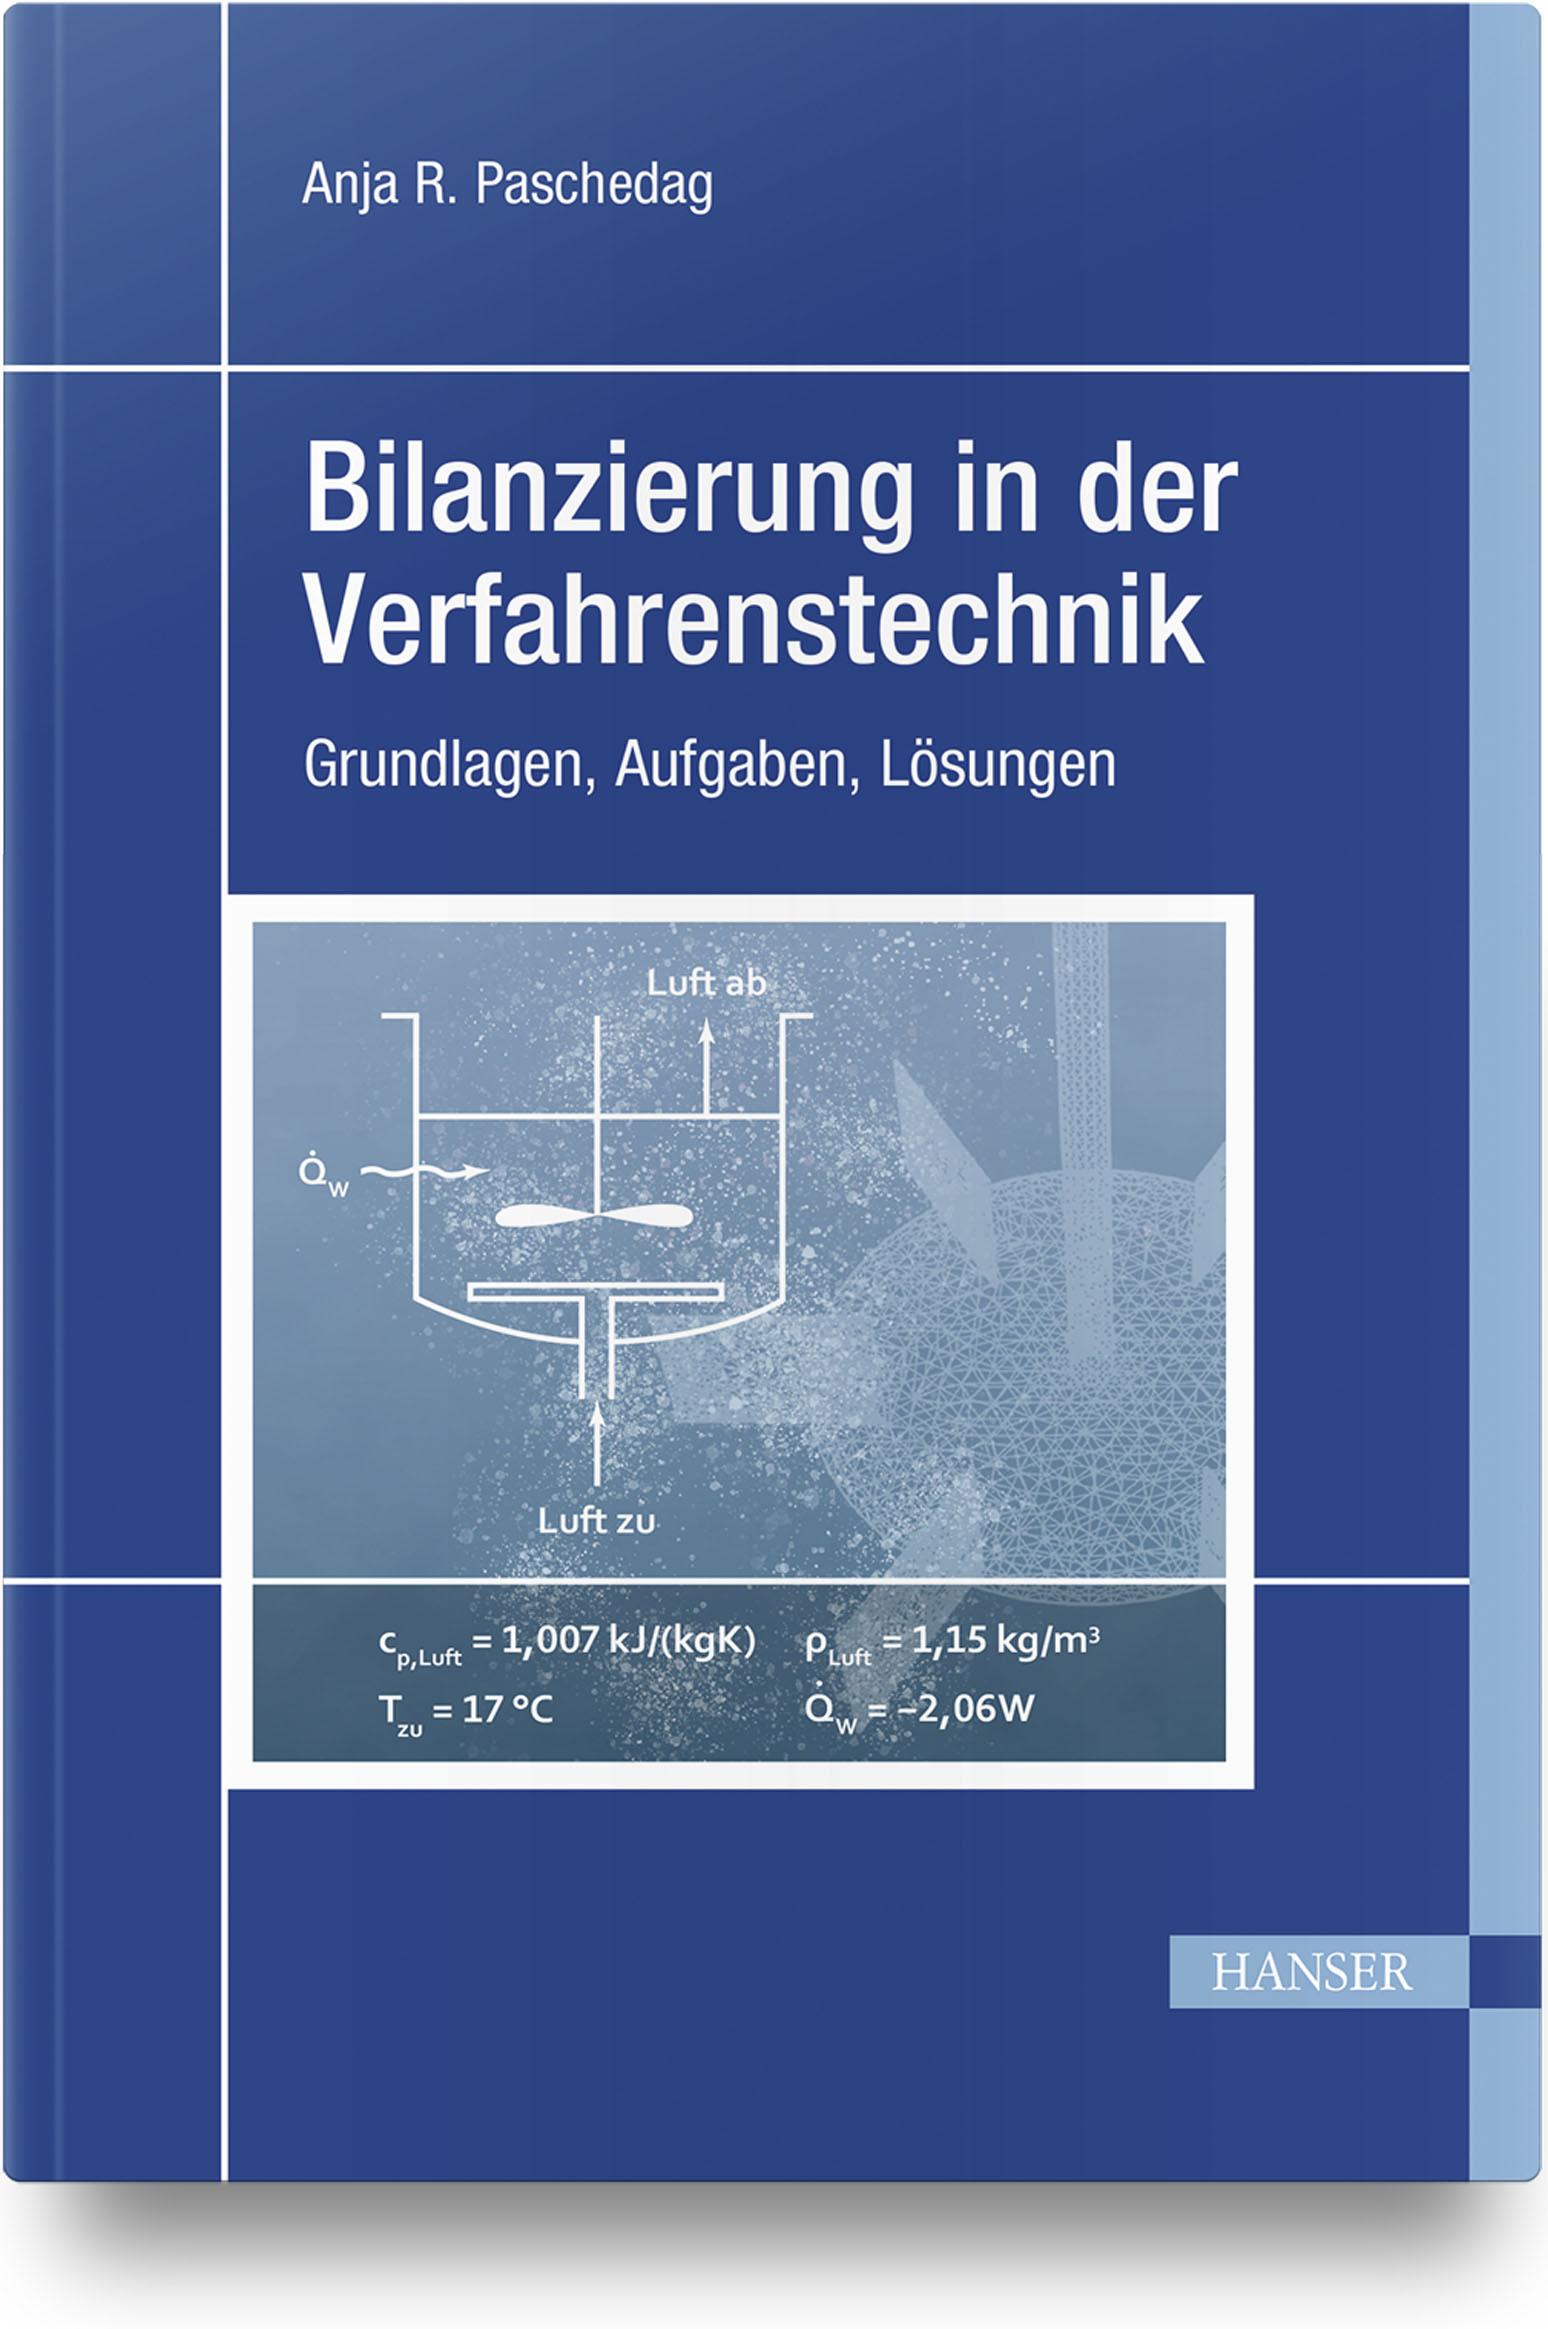 Paschedag, Bilanzierung in der Verfahrenstechnik, 978-3-446-45410-1